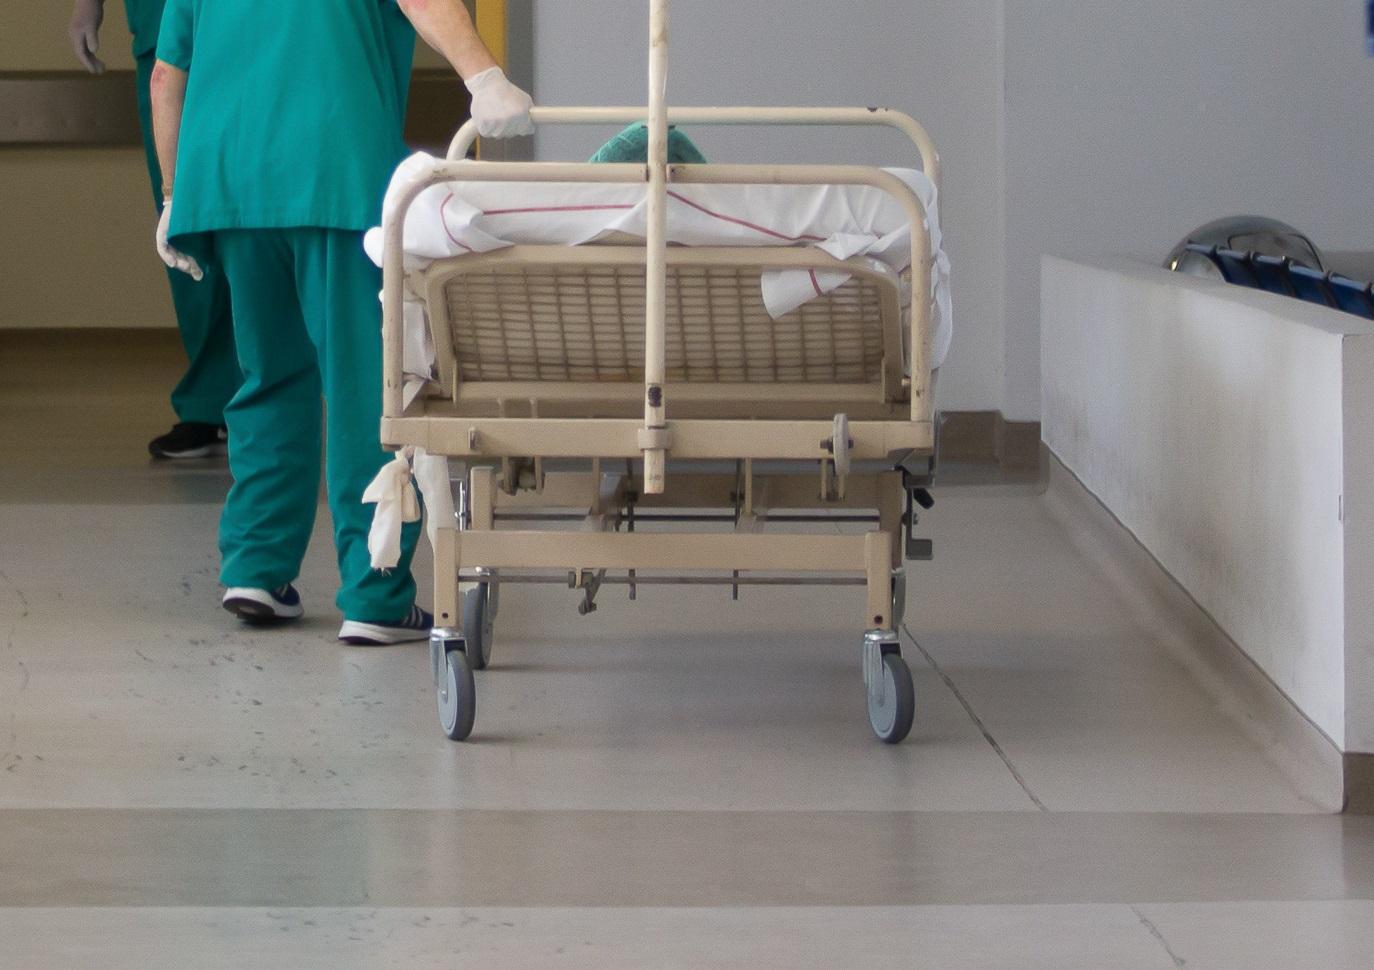 """Ηράκλειο: Ασθενής άρχισε να κυνηγάει τους γιατρούς με μαχαίρι! """"Τα είδαμε όλα από τη μια στιγμή στην άλλη"""" (Βίντεο)"""